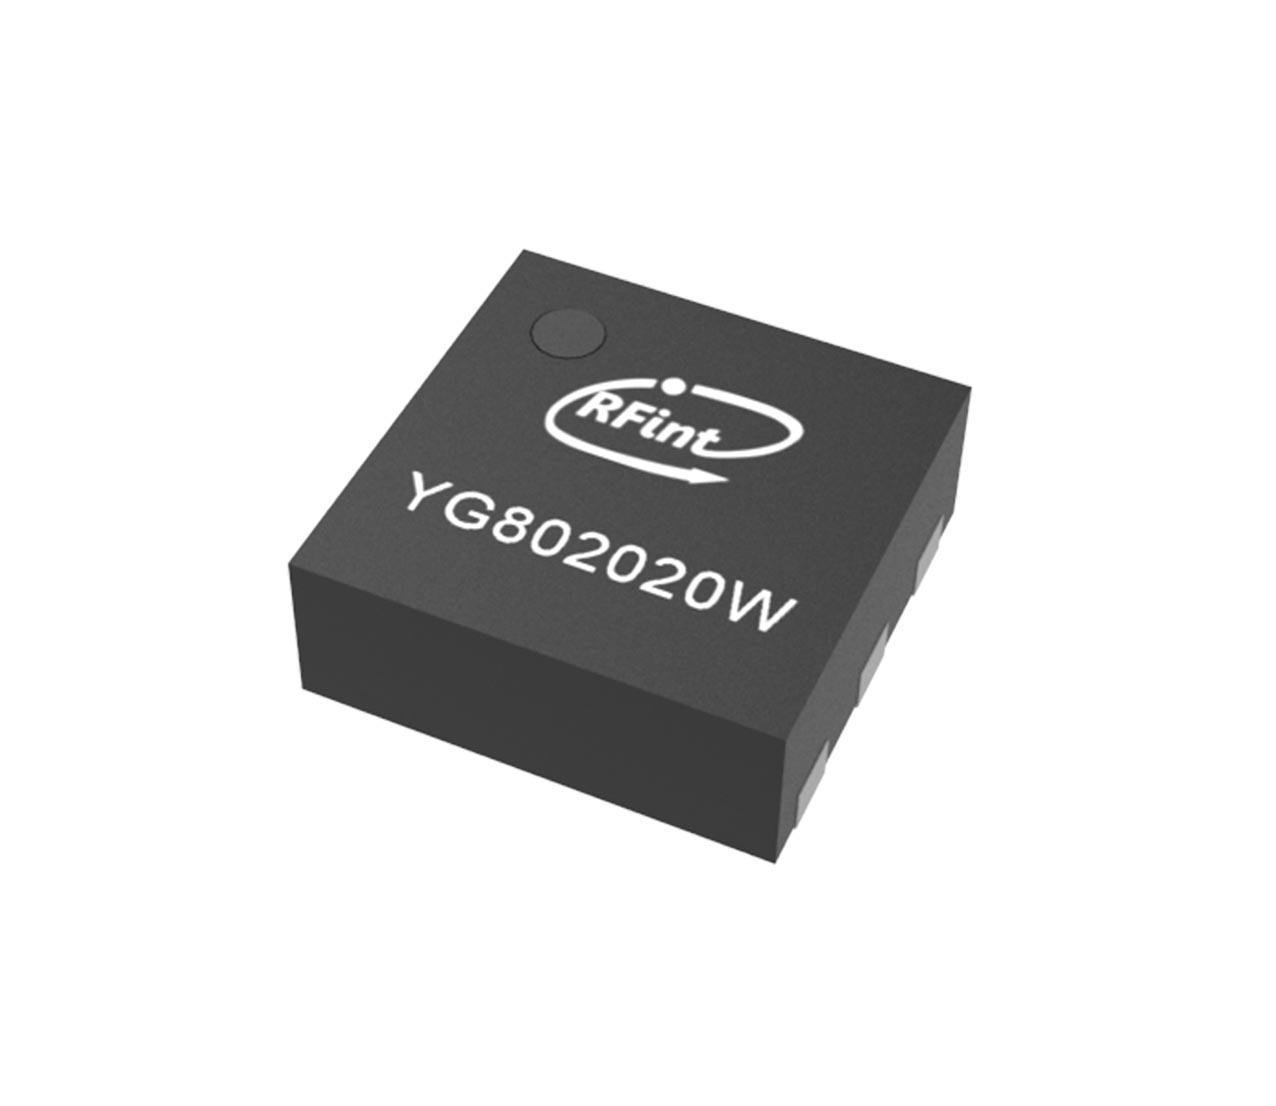 YG802020W